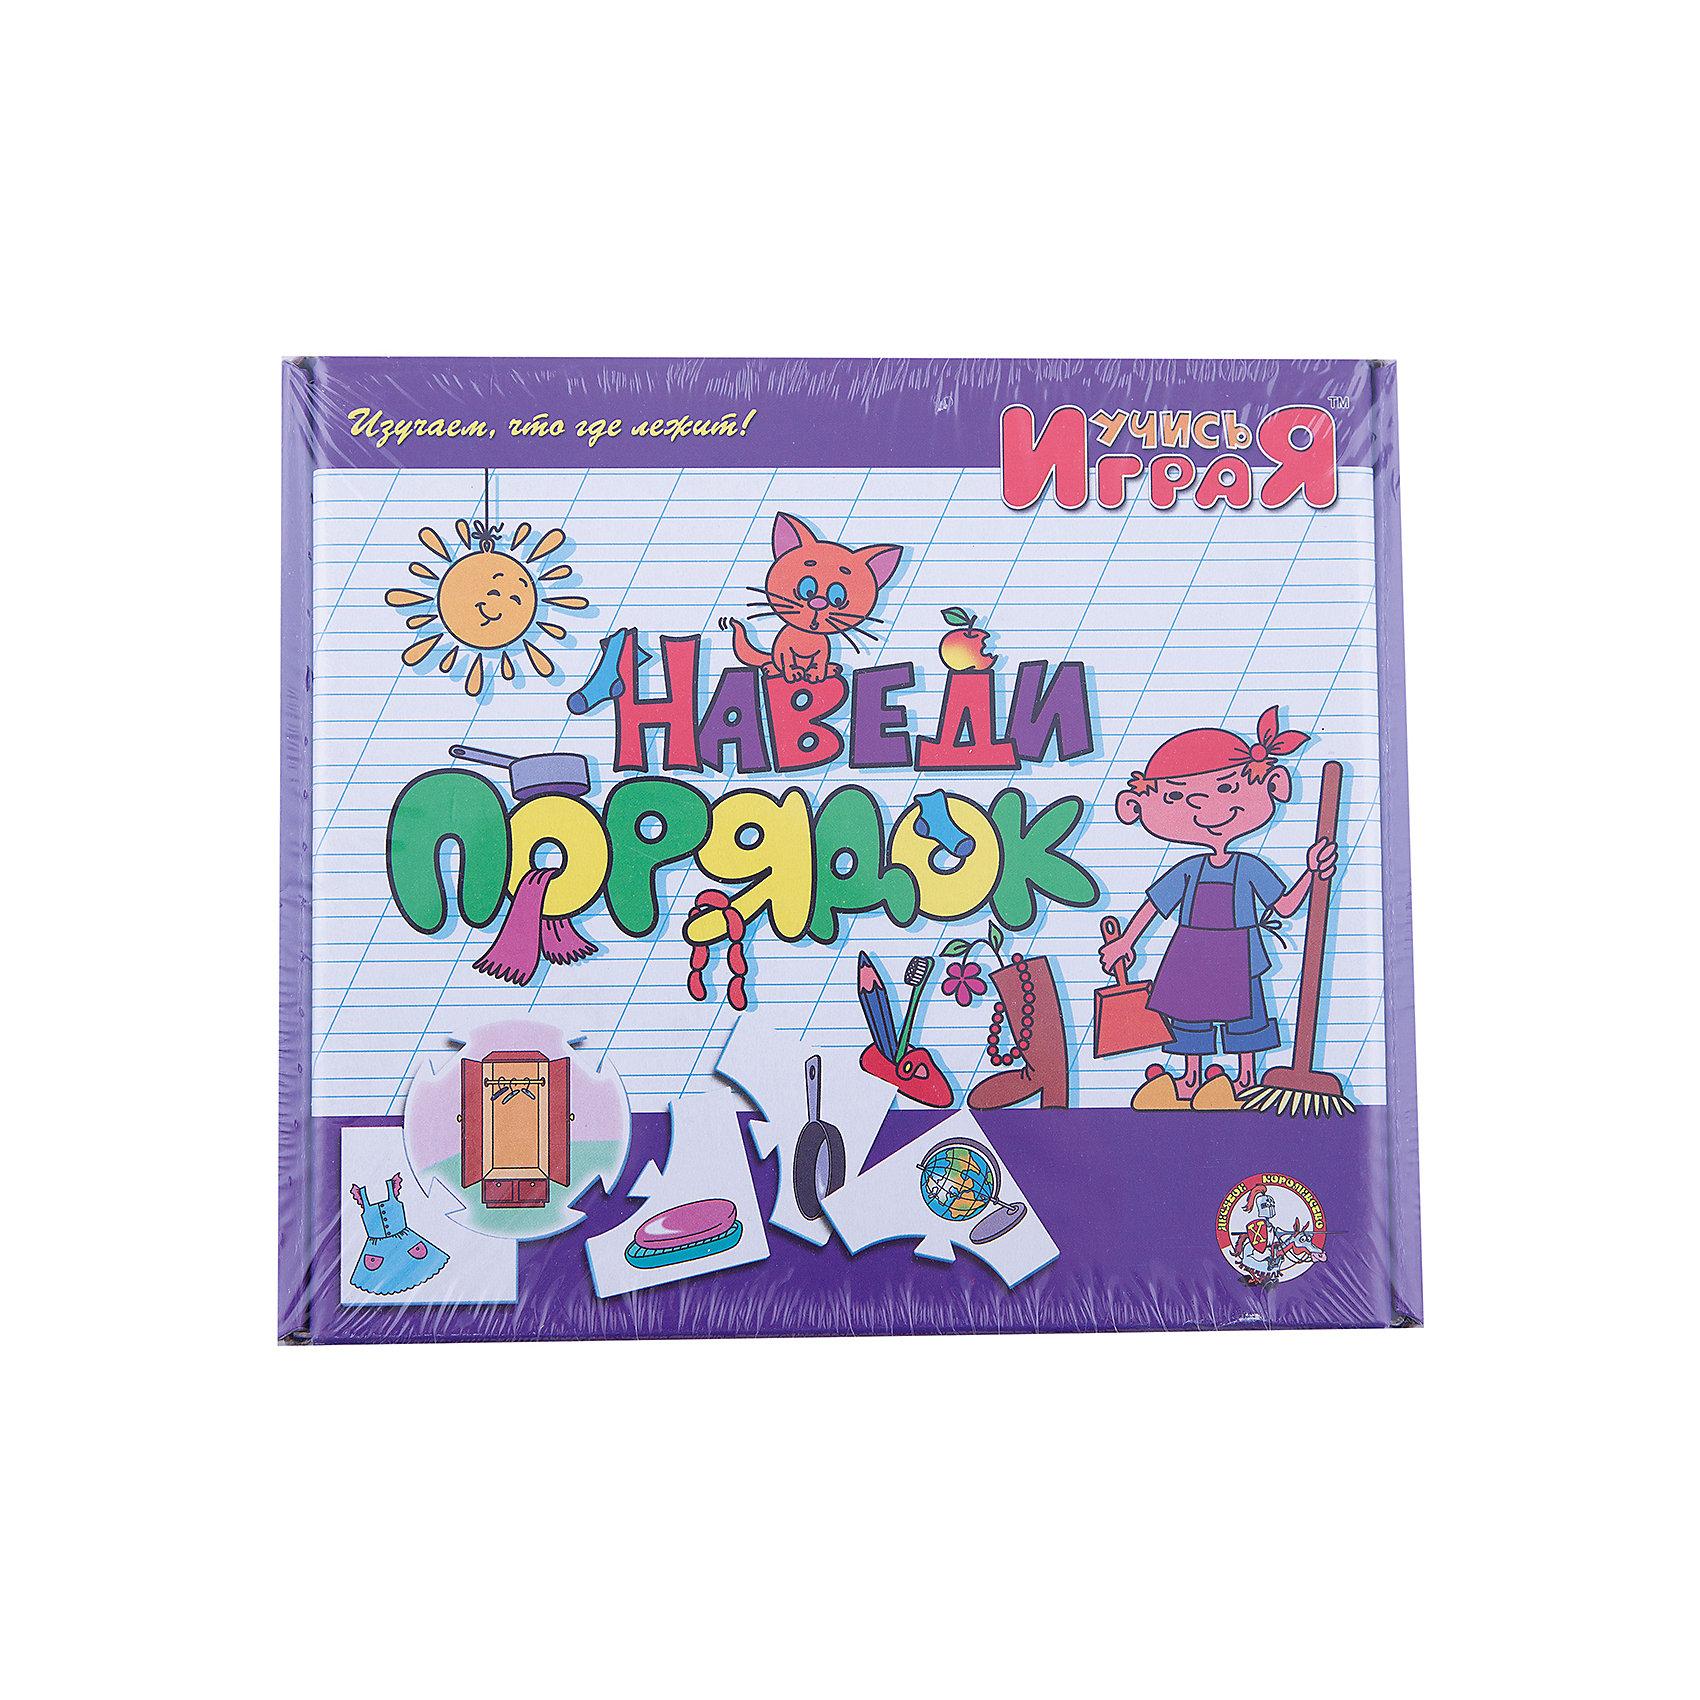 Игра обучающая  Наведи порядок, Десятое королевствоОбучающие карточки<br>Игра обучающая Наведи порядок, Десятое королевство<br><br>Характеристики:<br><br>• Возраст: от 3 лет<br>• Количество игроков: от 1 до 10<br>• В комплекте: 10 карточек заданий, 4 карточки с ответами<br><br>В этой увлекательной обучающей игре могут участвовать одновременно от 1 до 10 детей! В наборе содержатся 10 карточек-заданий, на которых изображены рисунки. К каждой необходимо найти 4 карточки-ответа, чтобы дополнить их содержание. В процессе игры дети работают над мелкой моторикой и расширяют свои знания и представления об окружающем мире.<br><br>Игра обучающая Наведи порядок, Десятое королевство можно купить в нашем интернет-магазине.<br><br>Ширина мм: 230<br>Глубина мм: 200<br>Высота мм: 35<br>Вес г: 230<br>Возраст от месяцев: 84<br>Возраст до месяцев: 2147483647<br>Пол: Унисекс<br>Возраст: Детский<br>SKU: 5471699